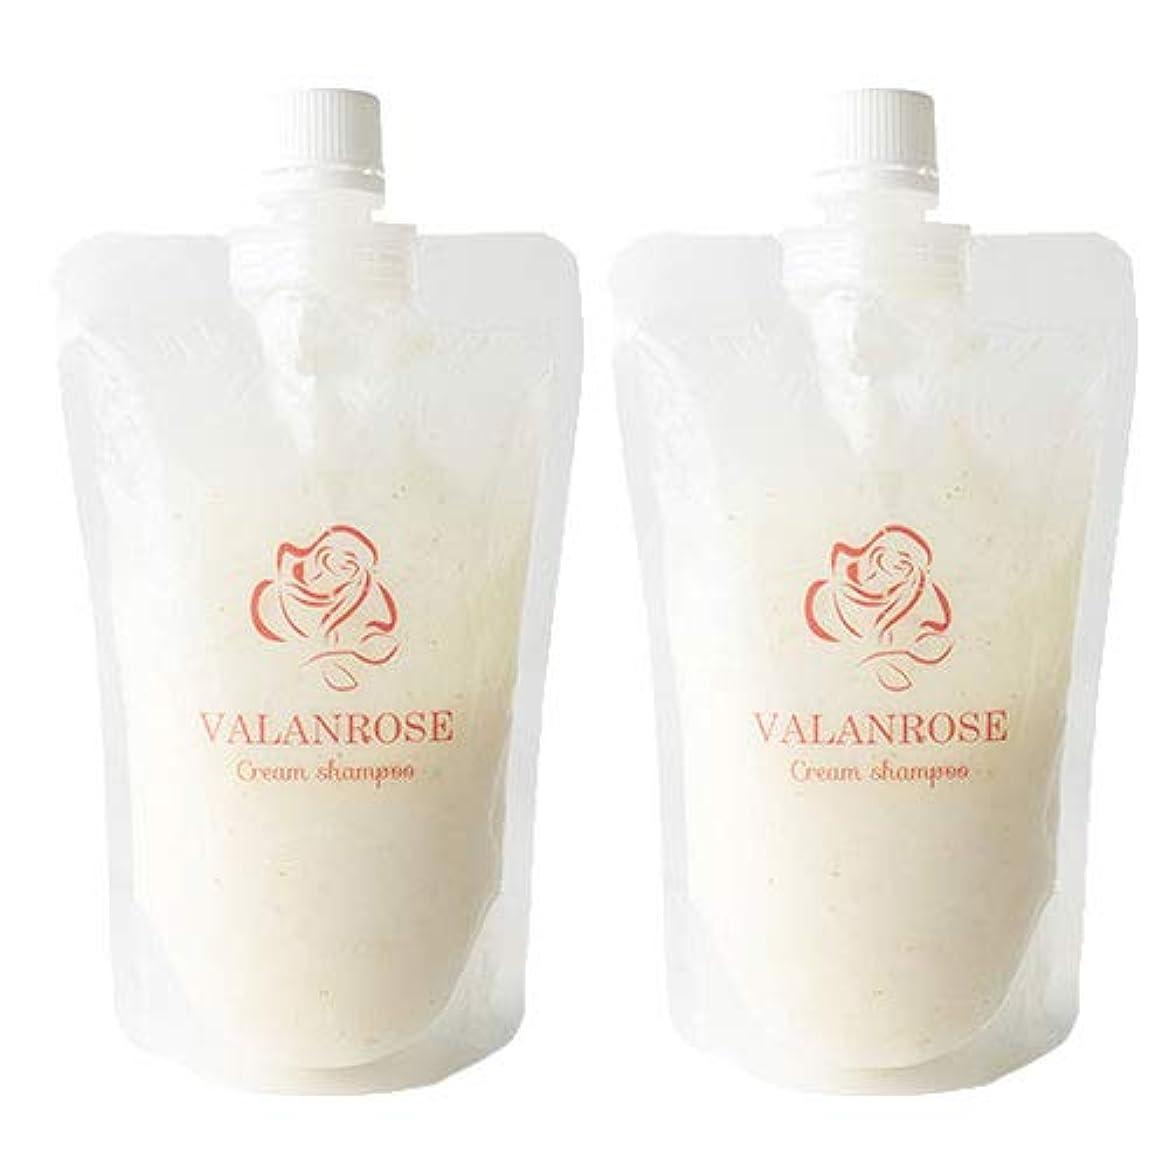 ゴールデン出版ブラシバランローズ クリームシャンプー2個×1セット VALANROSE Cream shampoo/シャンプー クリームシャンプー 髪 ヘアケア